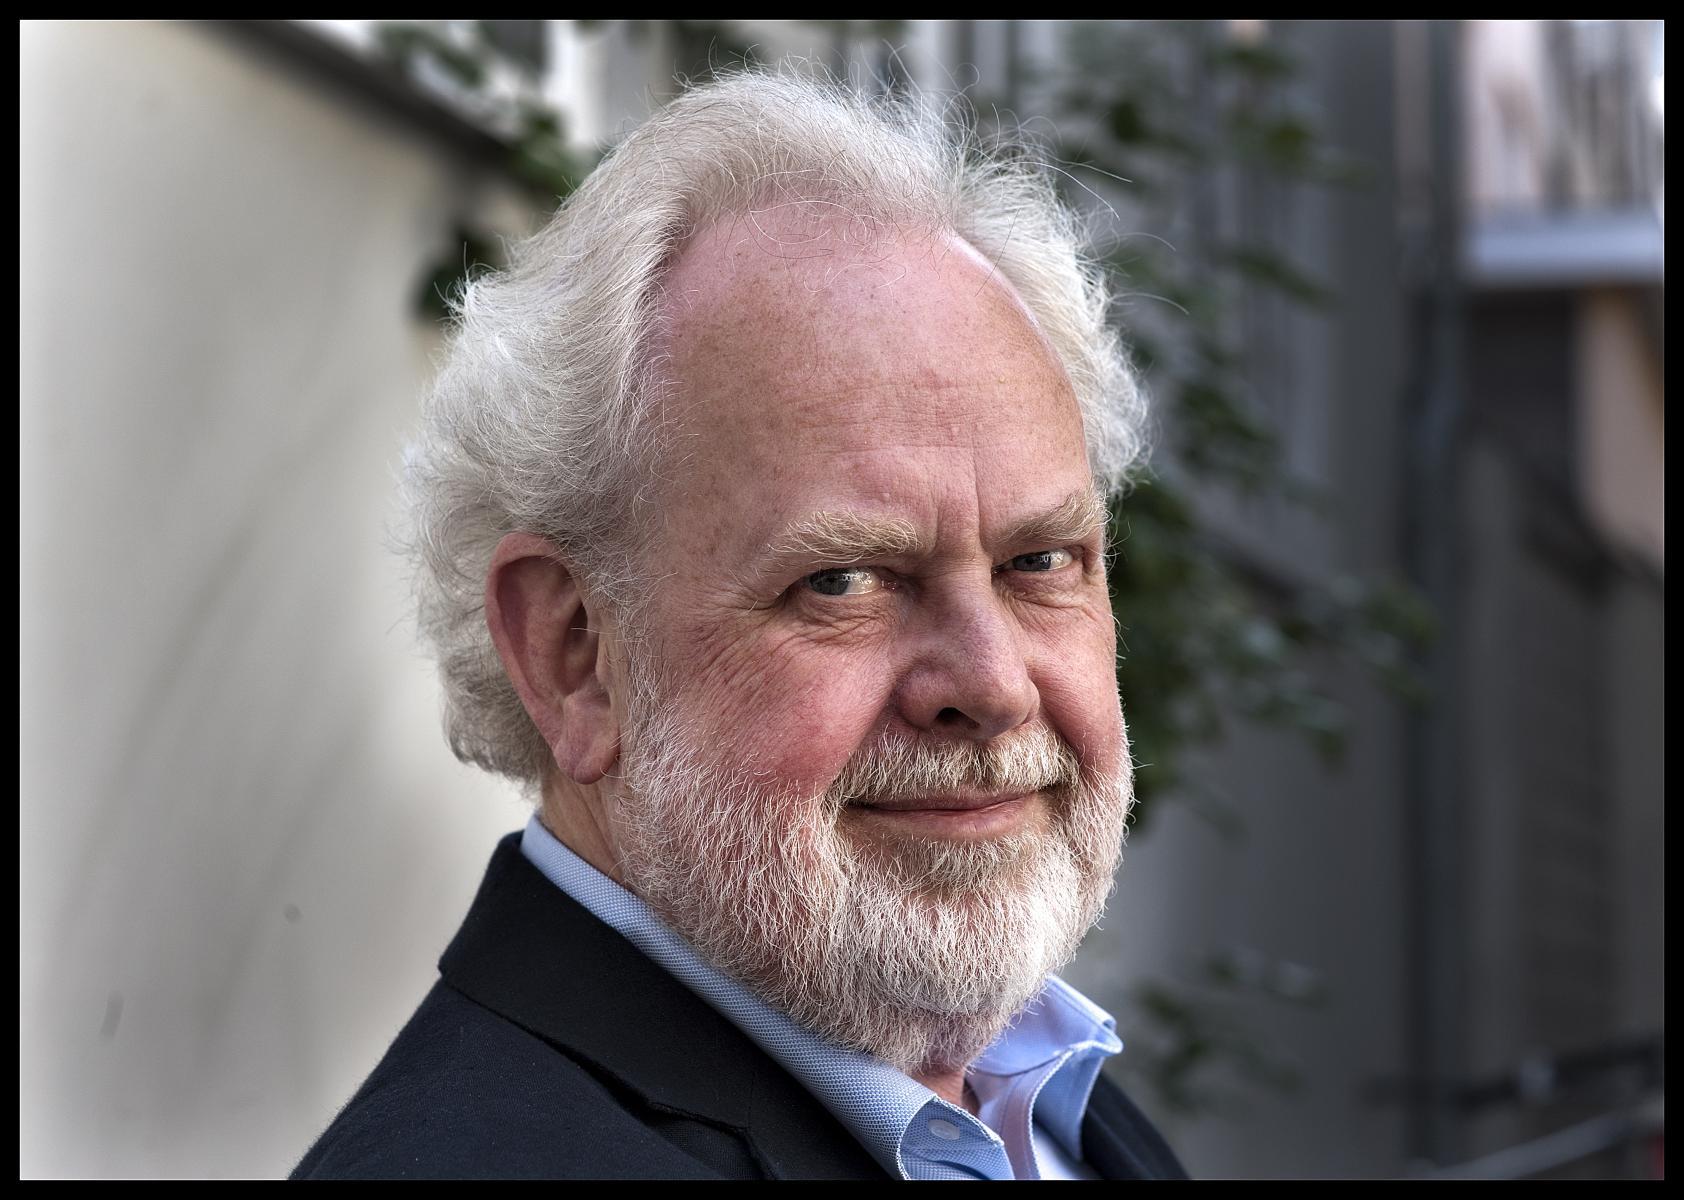 Jens Smærup Sørensen